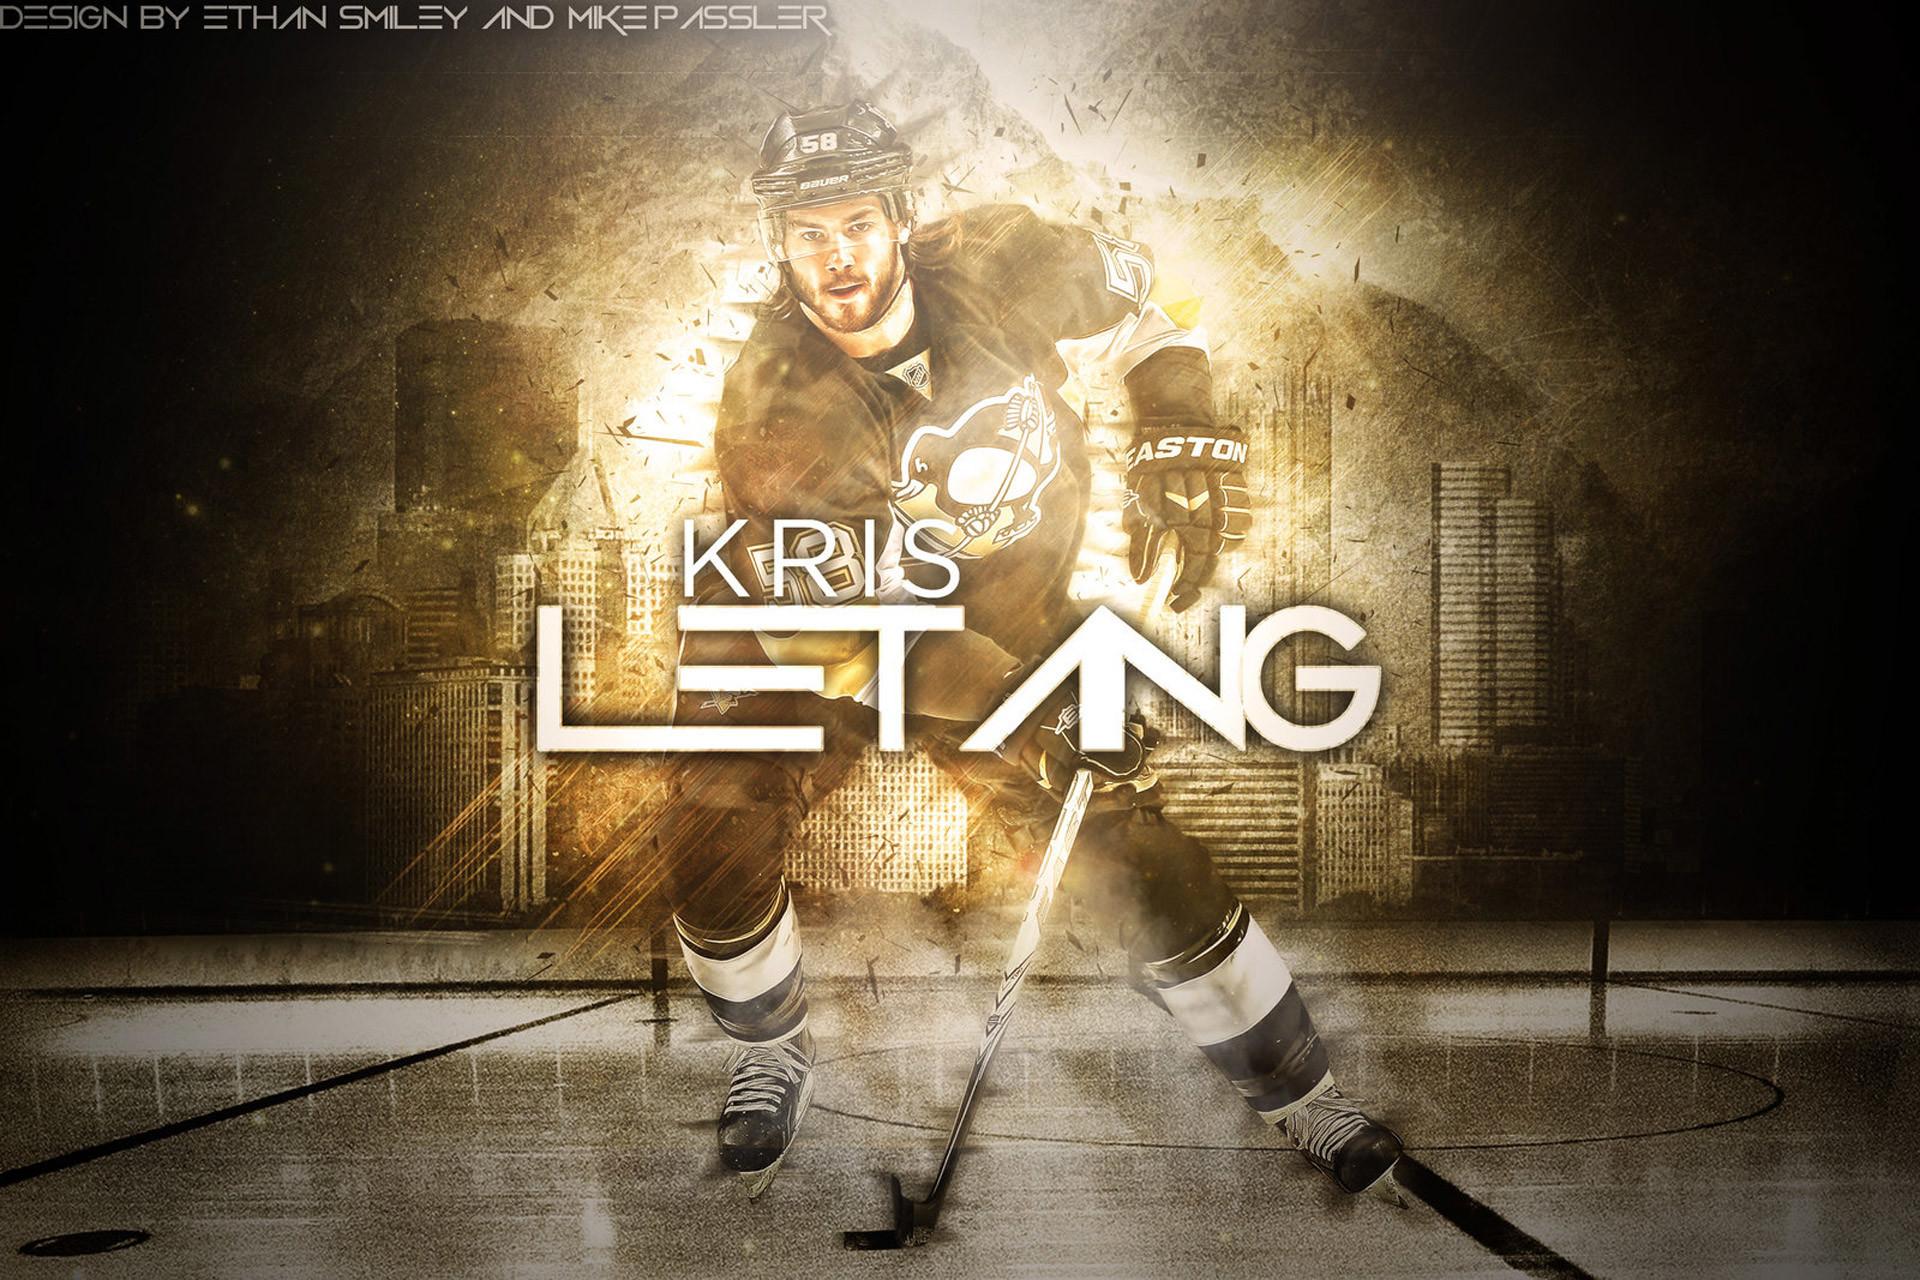 NHL Wallpapers – Kris Letang Pittsburgh Penguins 2014 wallpaper